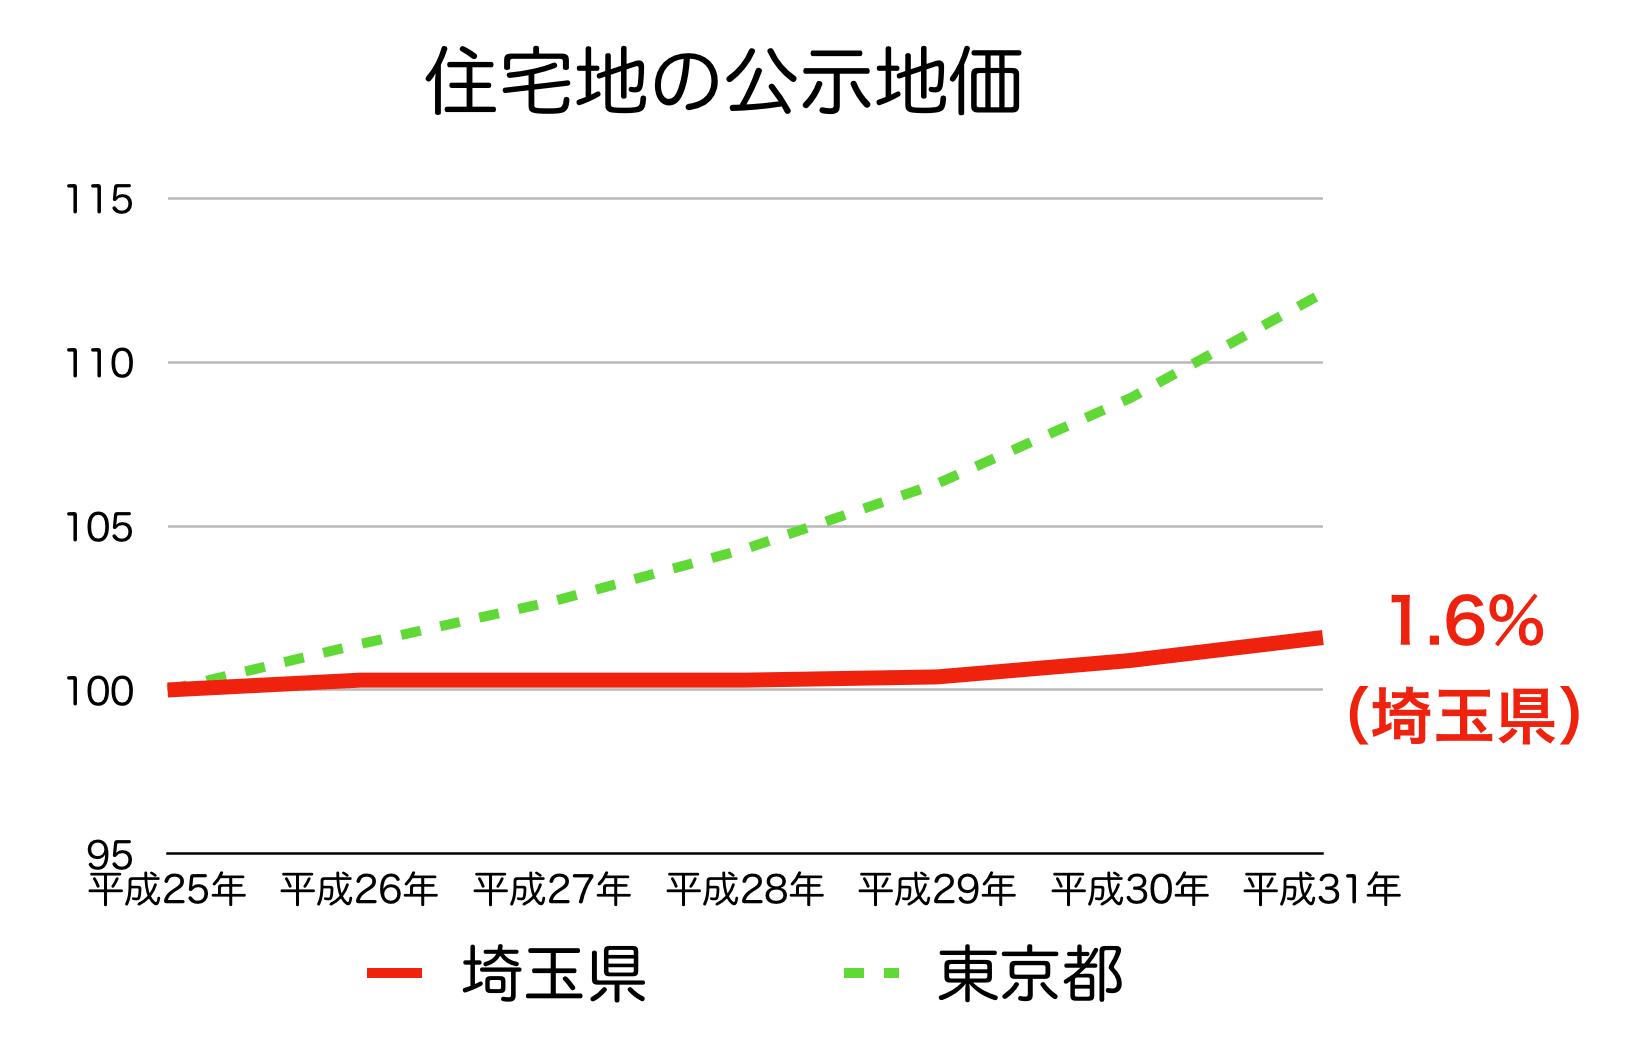 埼玉県の公示地価の推移 H25-H31